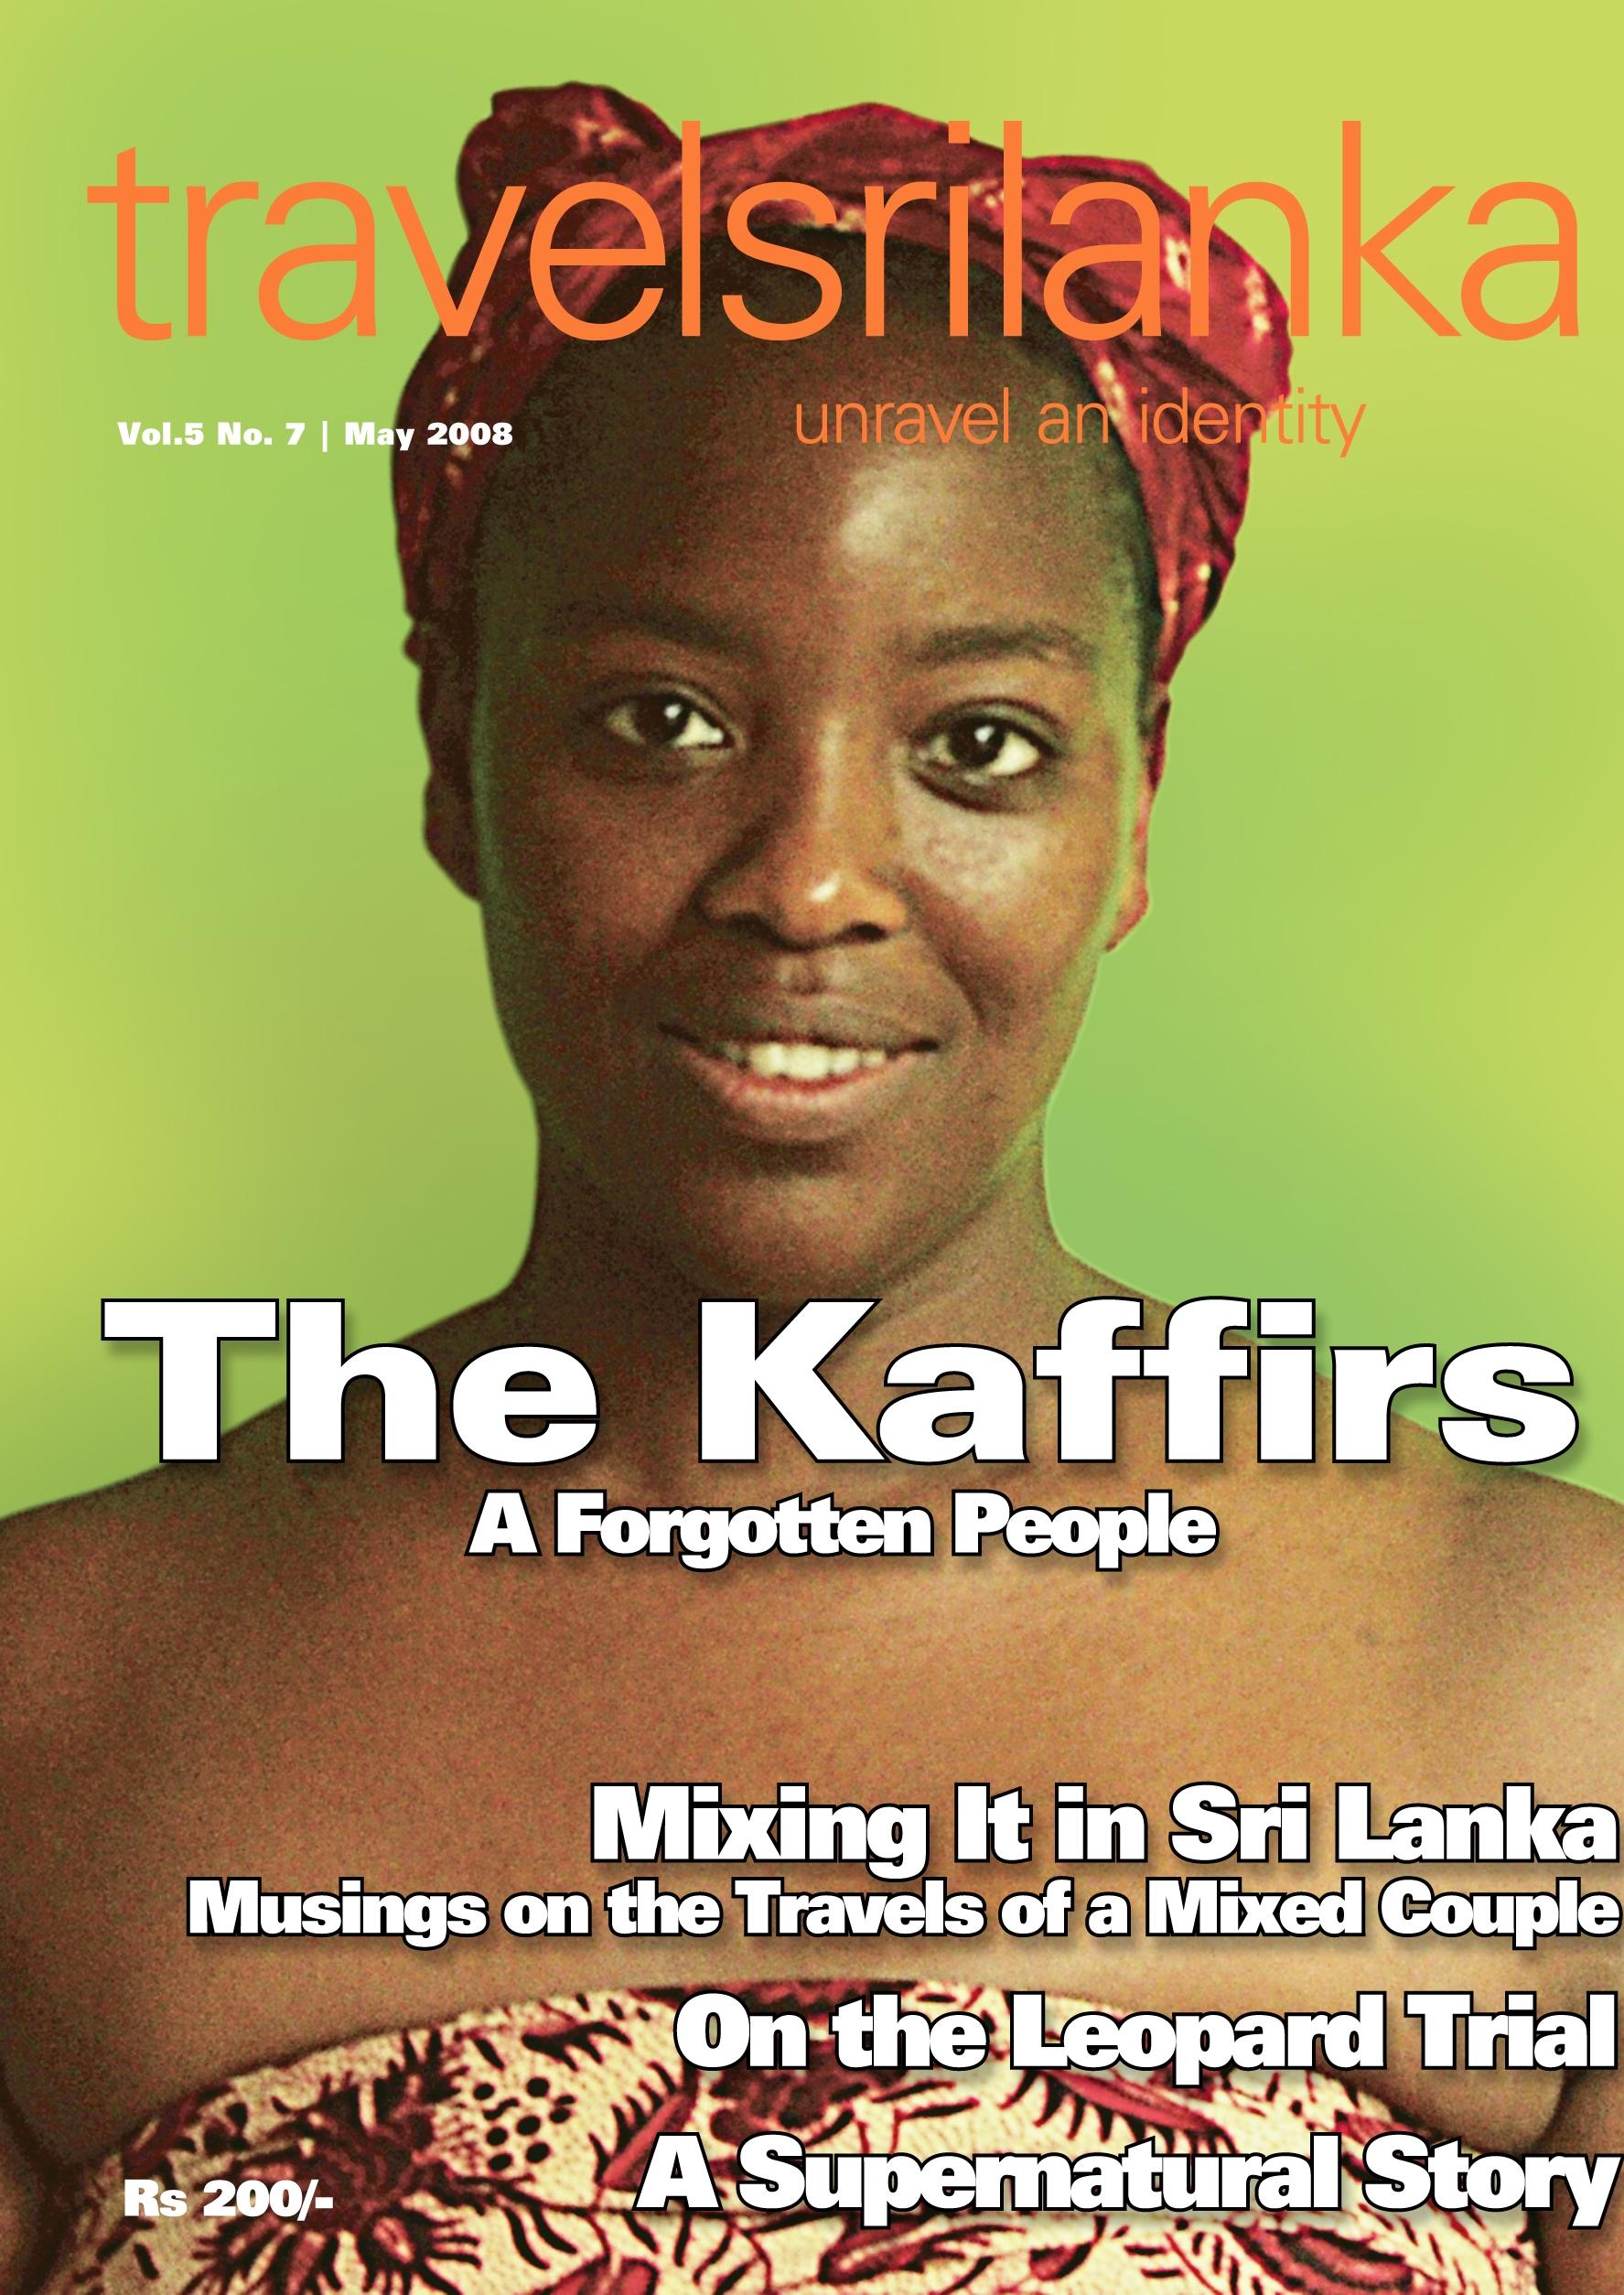 Travel Sri Lanka, 2008. Archival digital print on cotton rag paper, 21 x 15 cm. (Photo: E White)